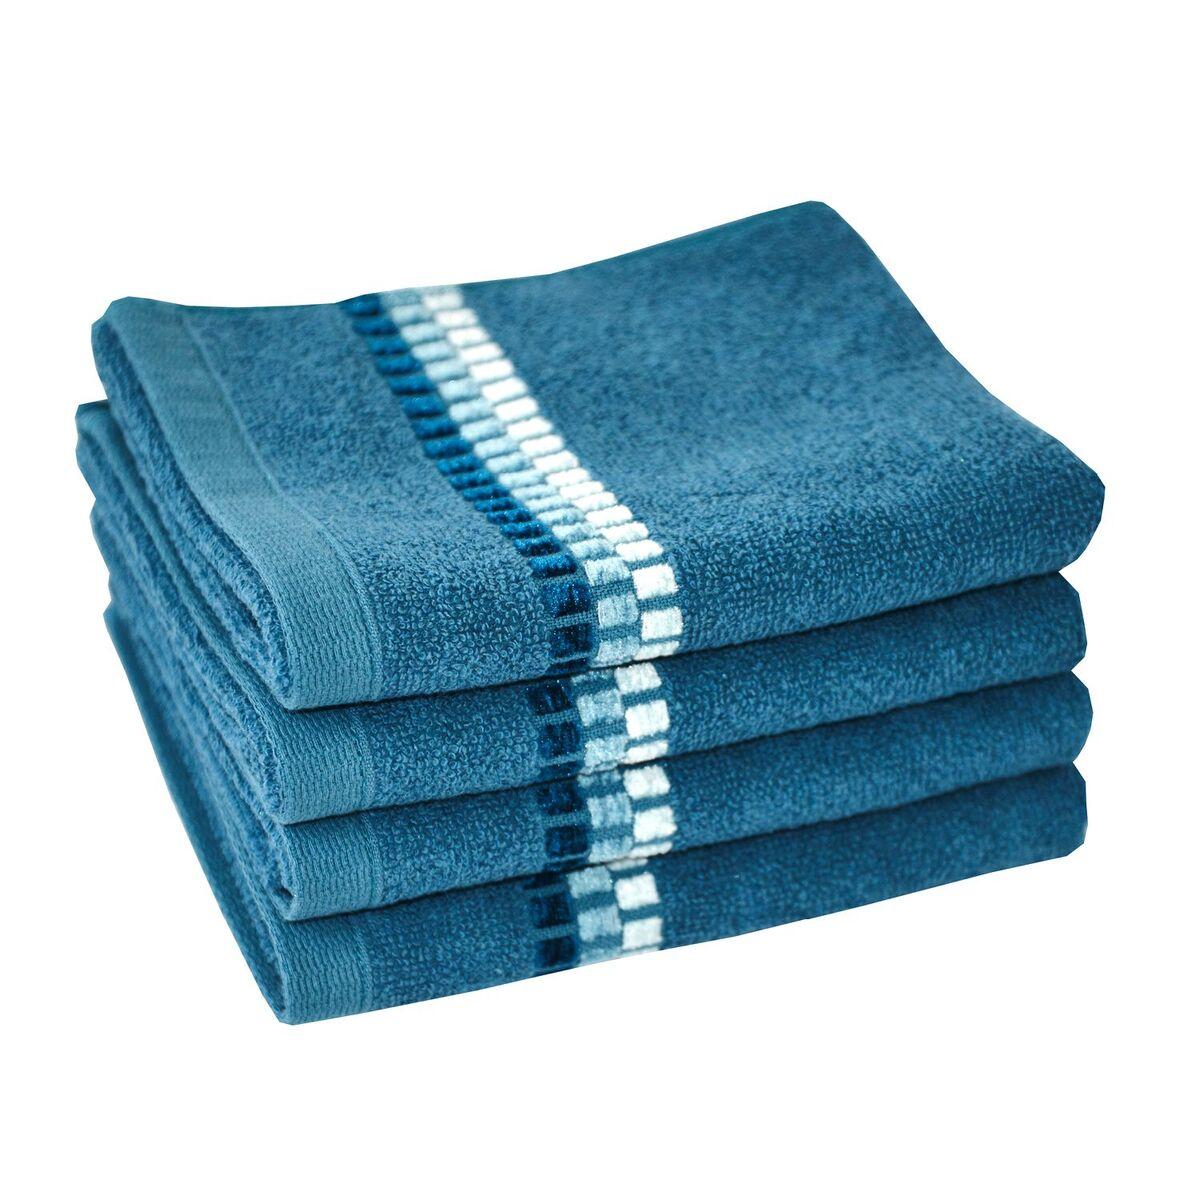 Bild 3 von tukan Gästetücher oder Waschhandschuhe